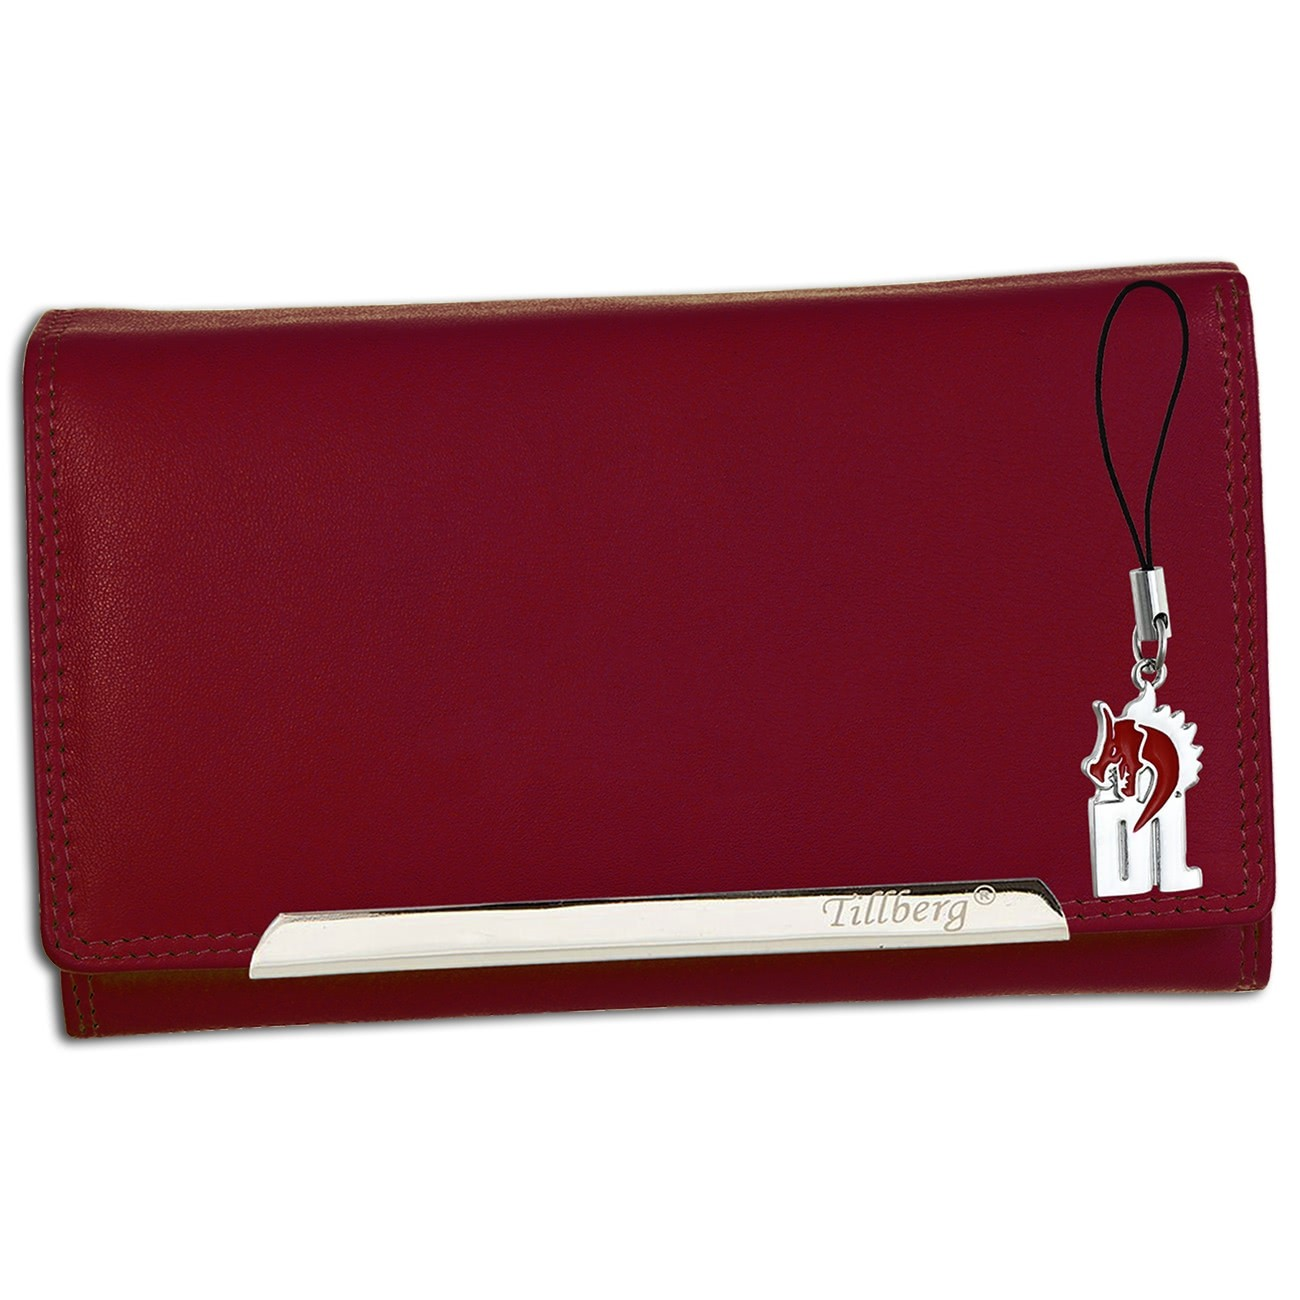 SilberDream Geldbörse pink Kunstleder, glatt-Portemonnaie OPR705P